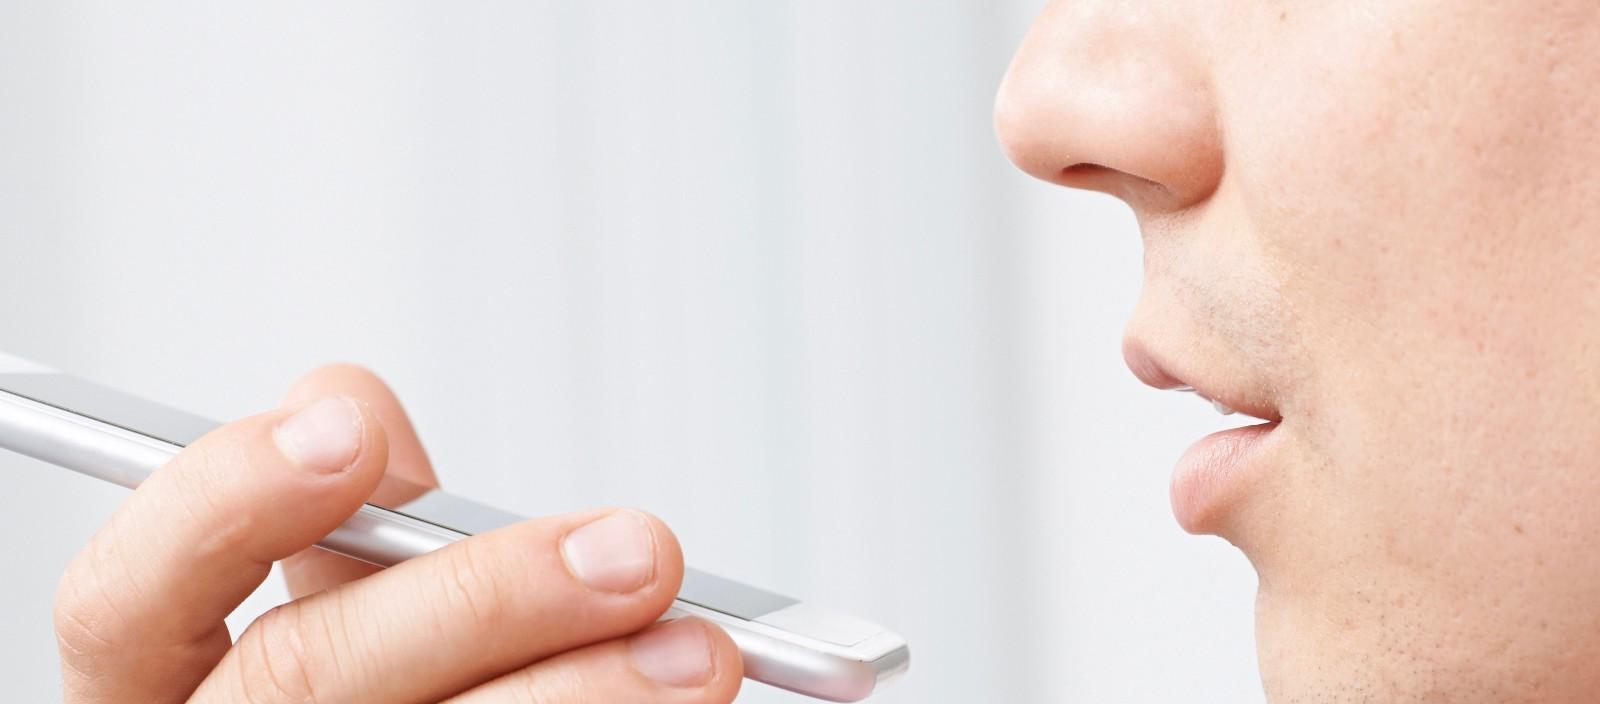 Pesquisa por voz e nova tendência para 2019 no marketing digital